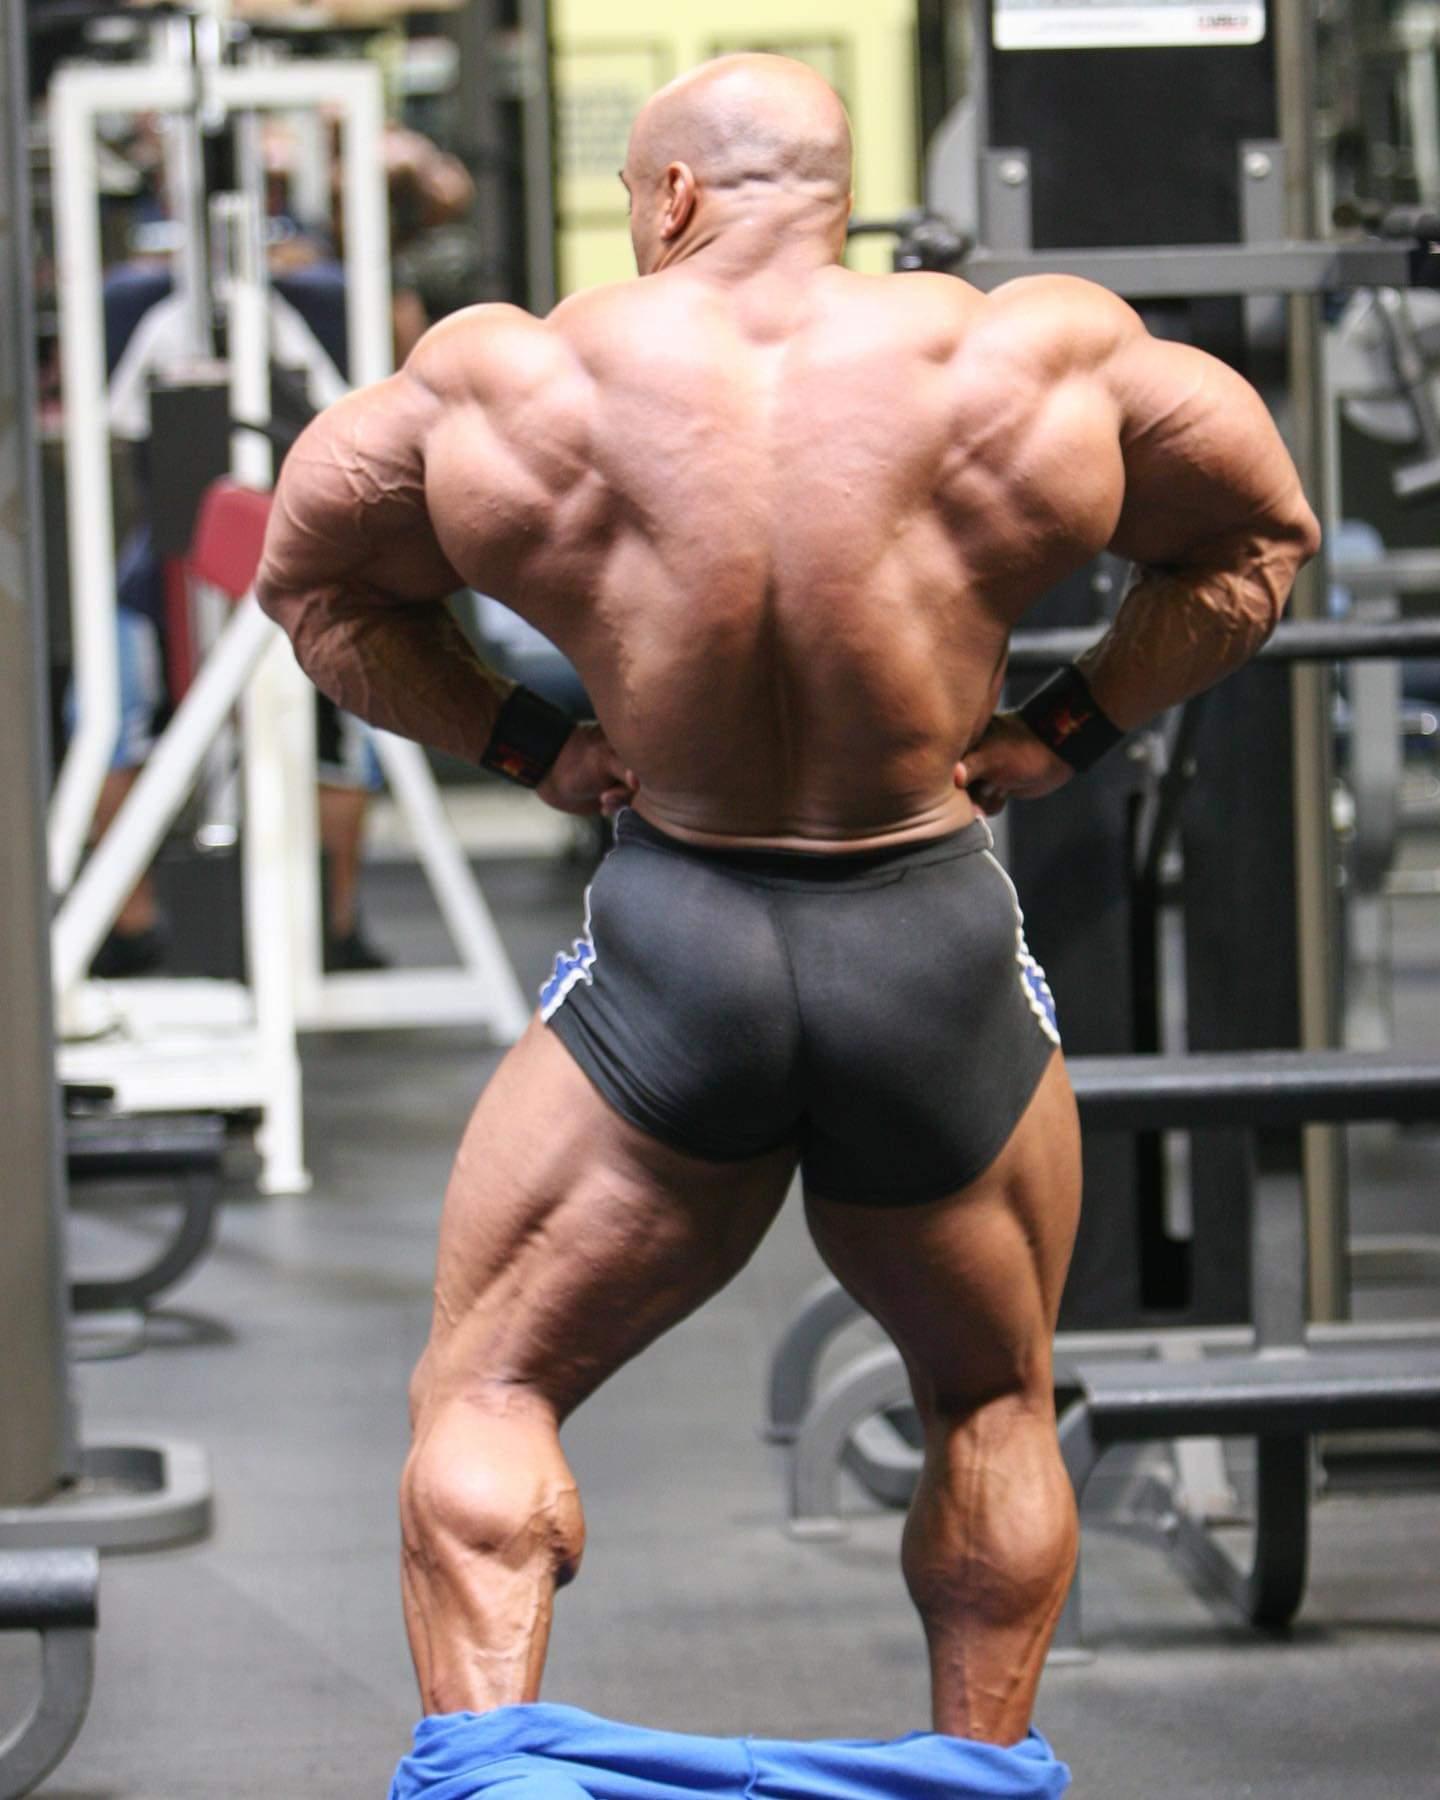 dennis james esegue la posa di apertura dorsali di schiena dopo un workout